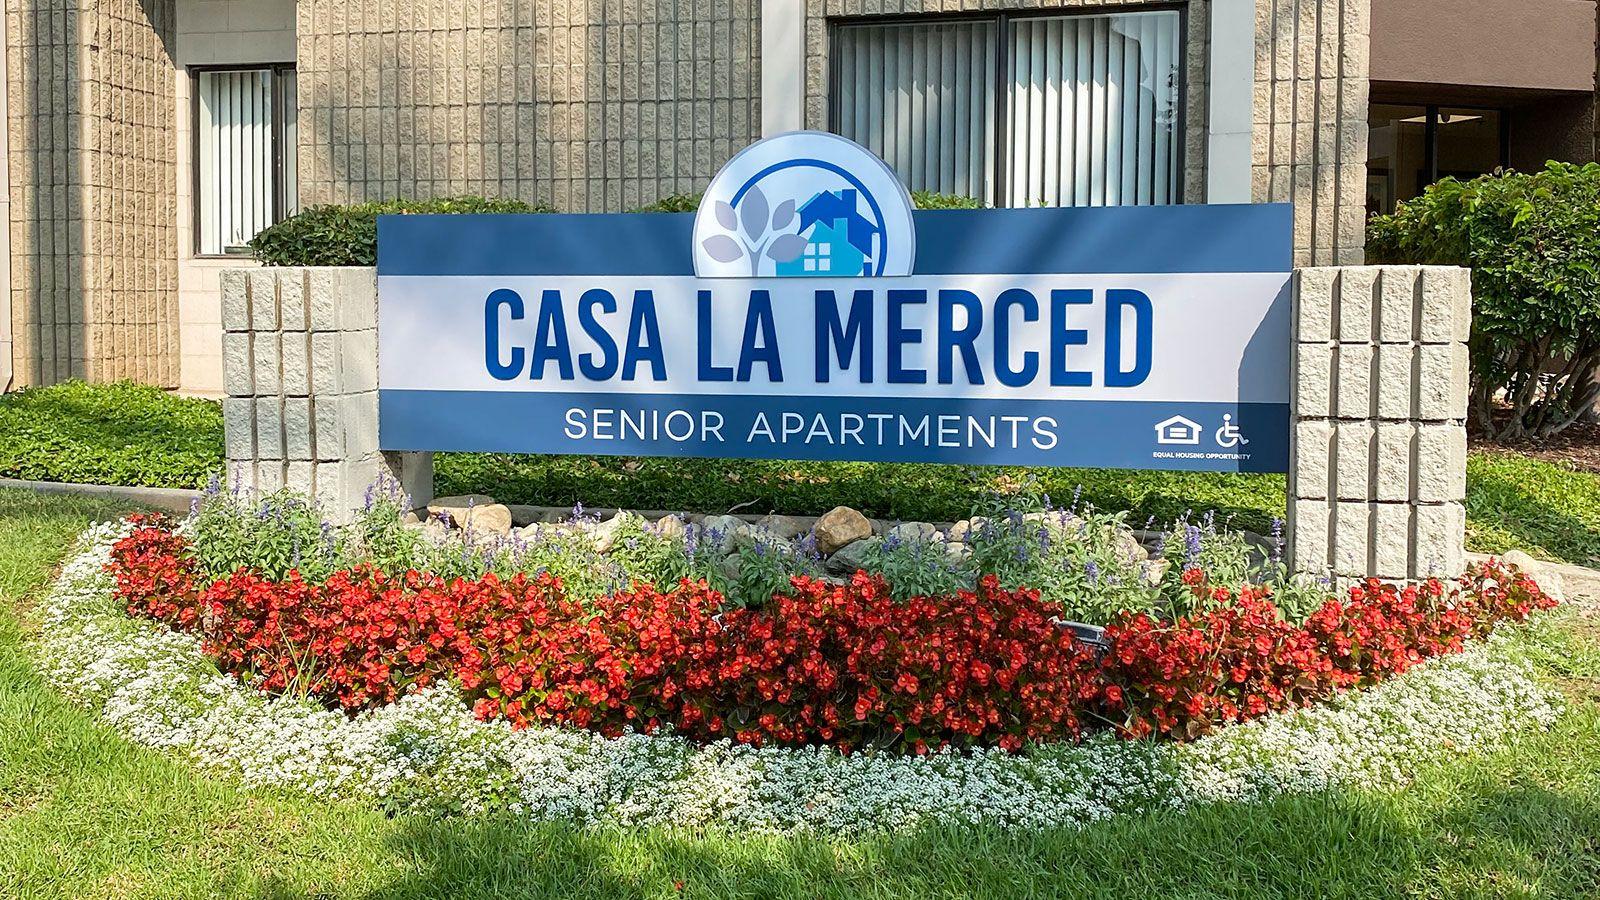 Casa LA Merced monument sign